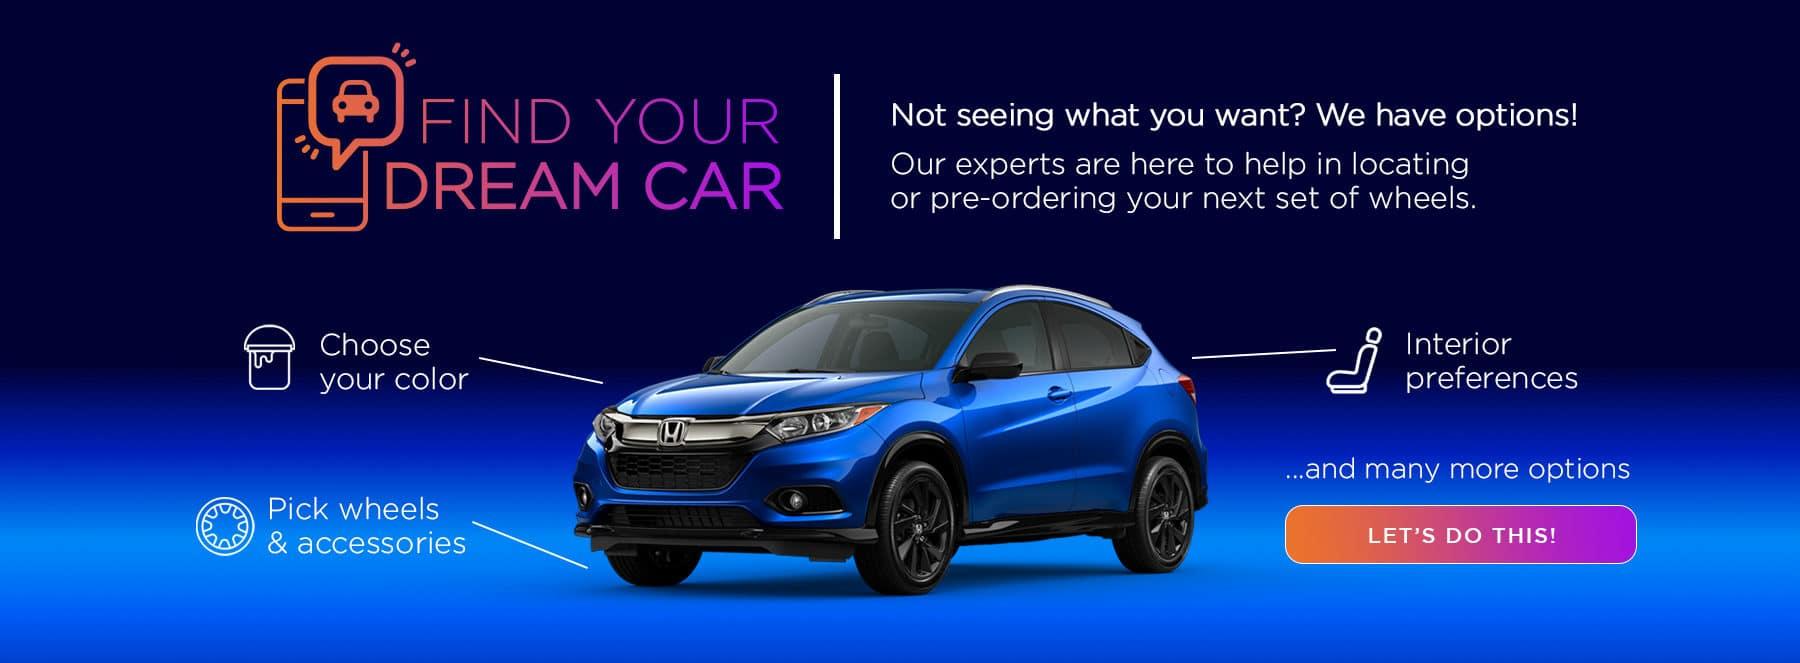 Kuni Honda Pre-Order Dream Car